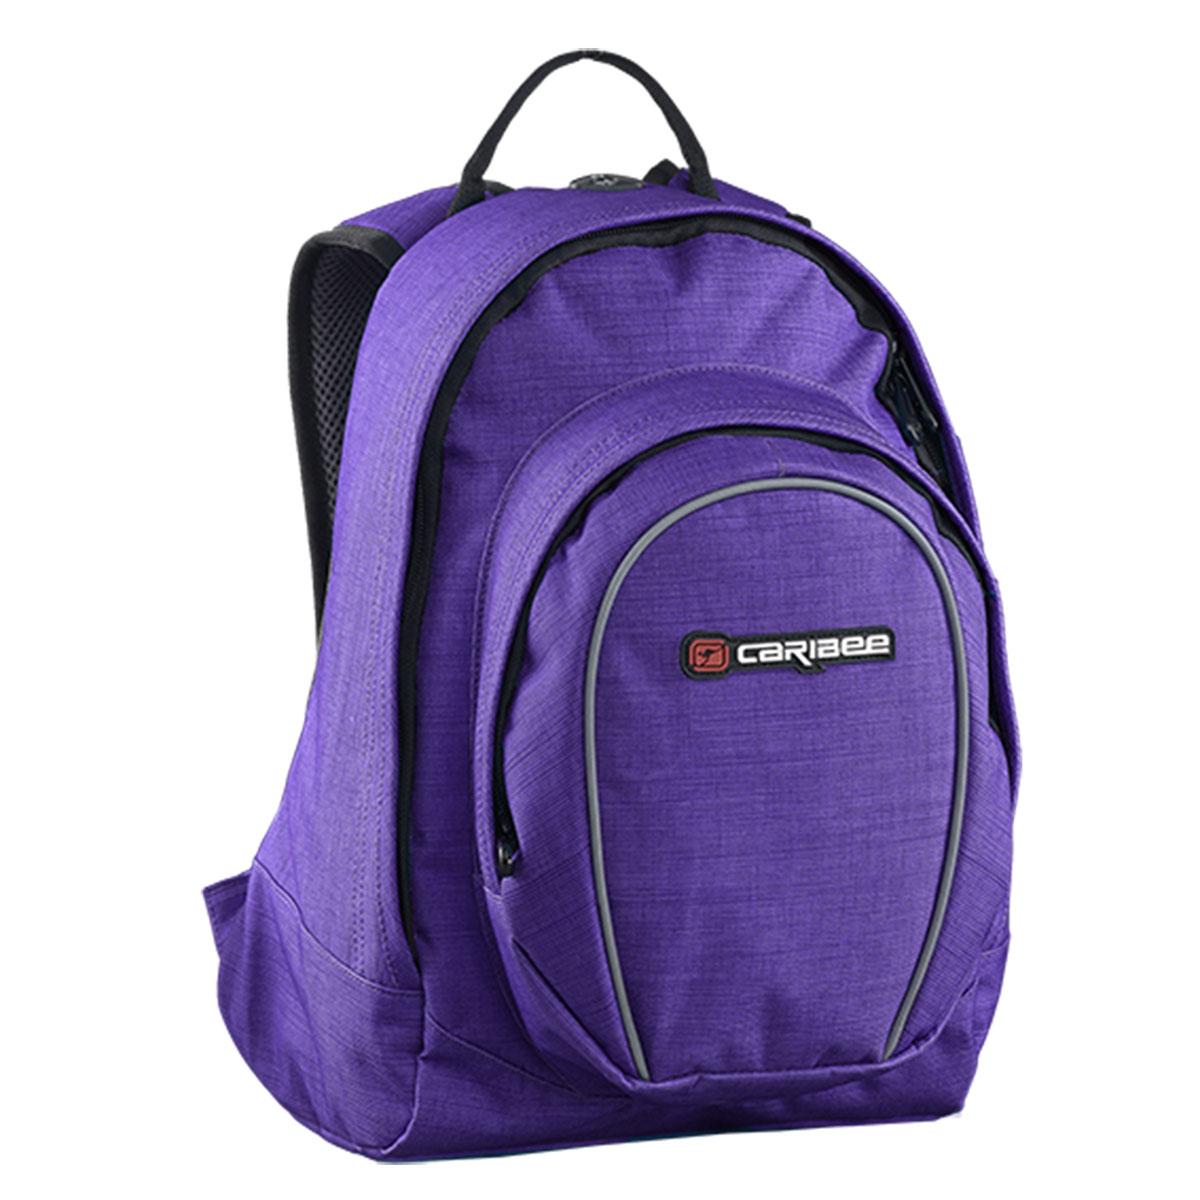 Рюкзак городской Caribee Spice, цвет: фиолетовый, 18 л рюкзак с анатомической спинкой caribee x trek 28 28 л черный оранжевый 6382